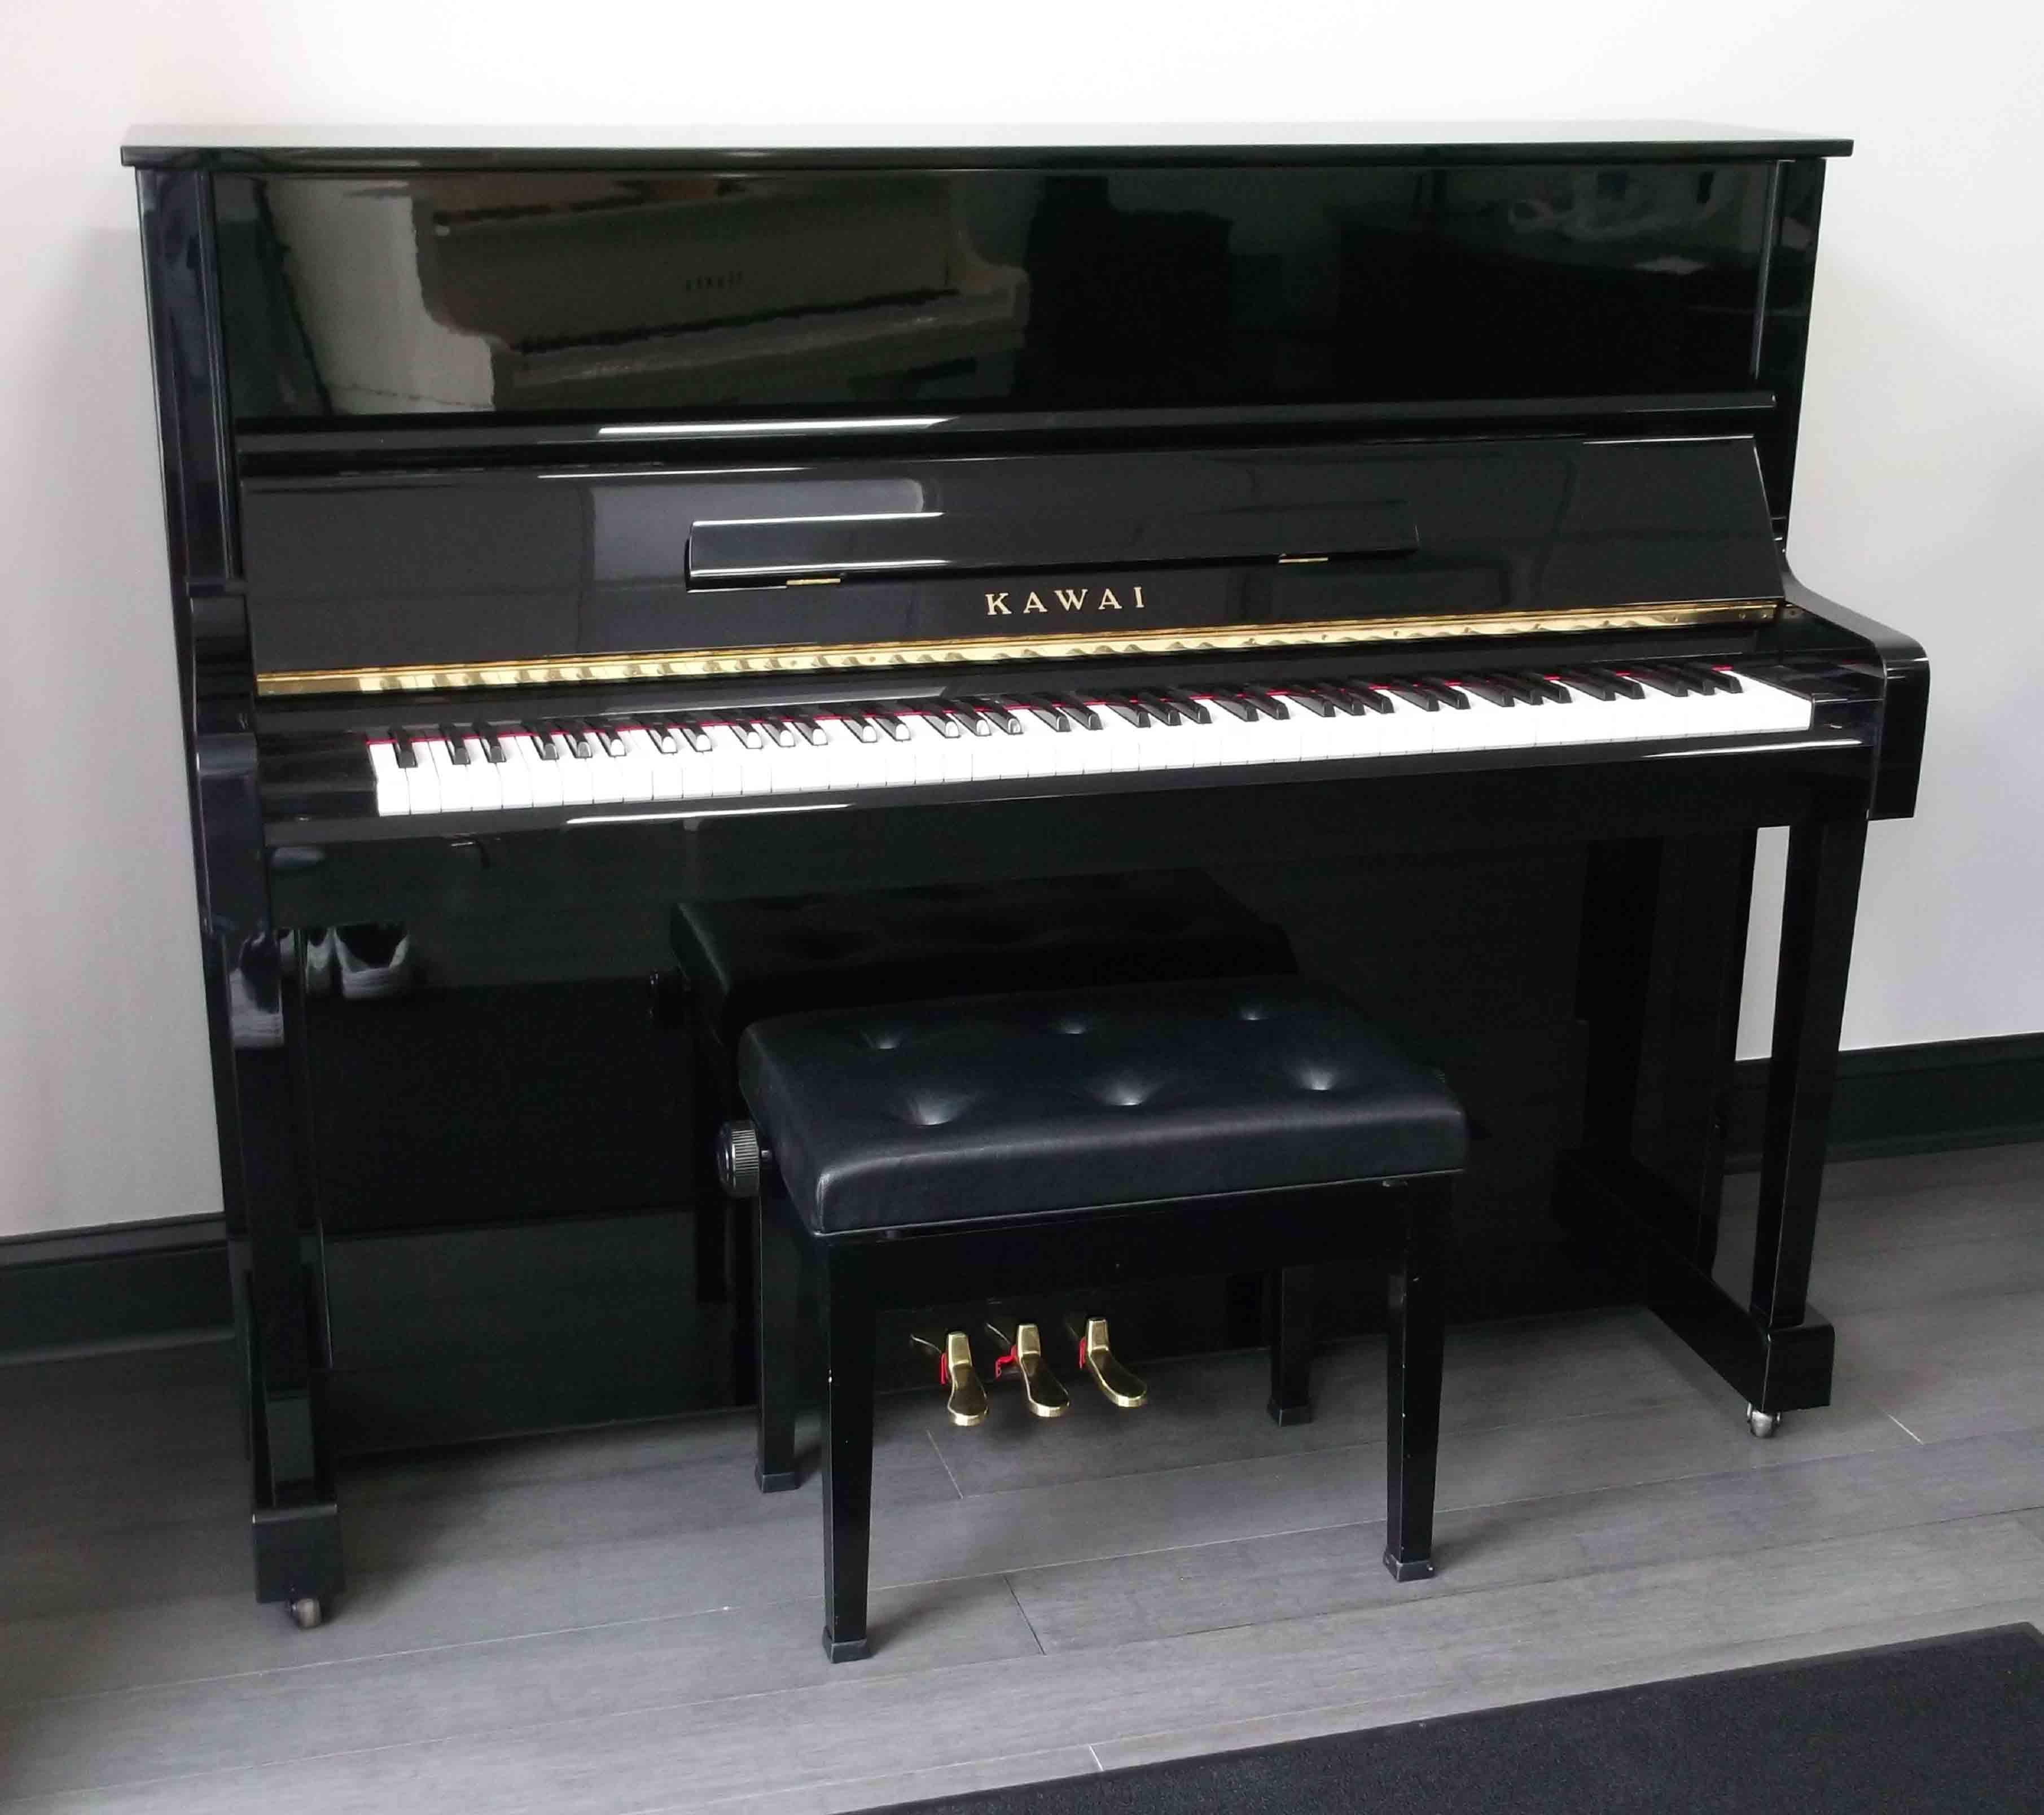 Địa chỉ bán đàn piano kawai giá rẻ tại tphcm